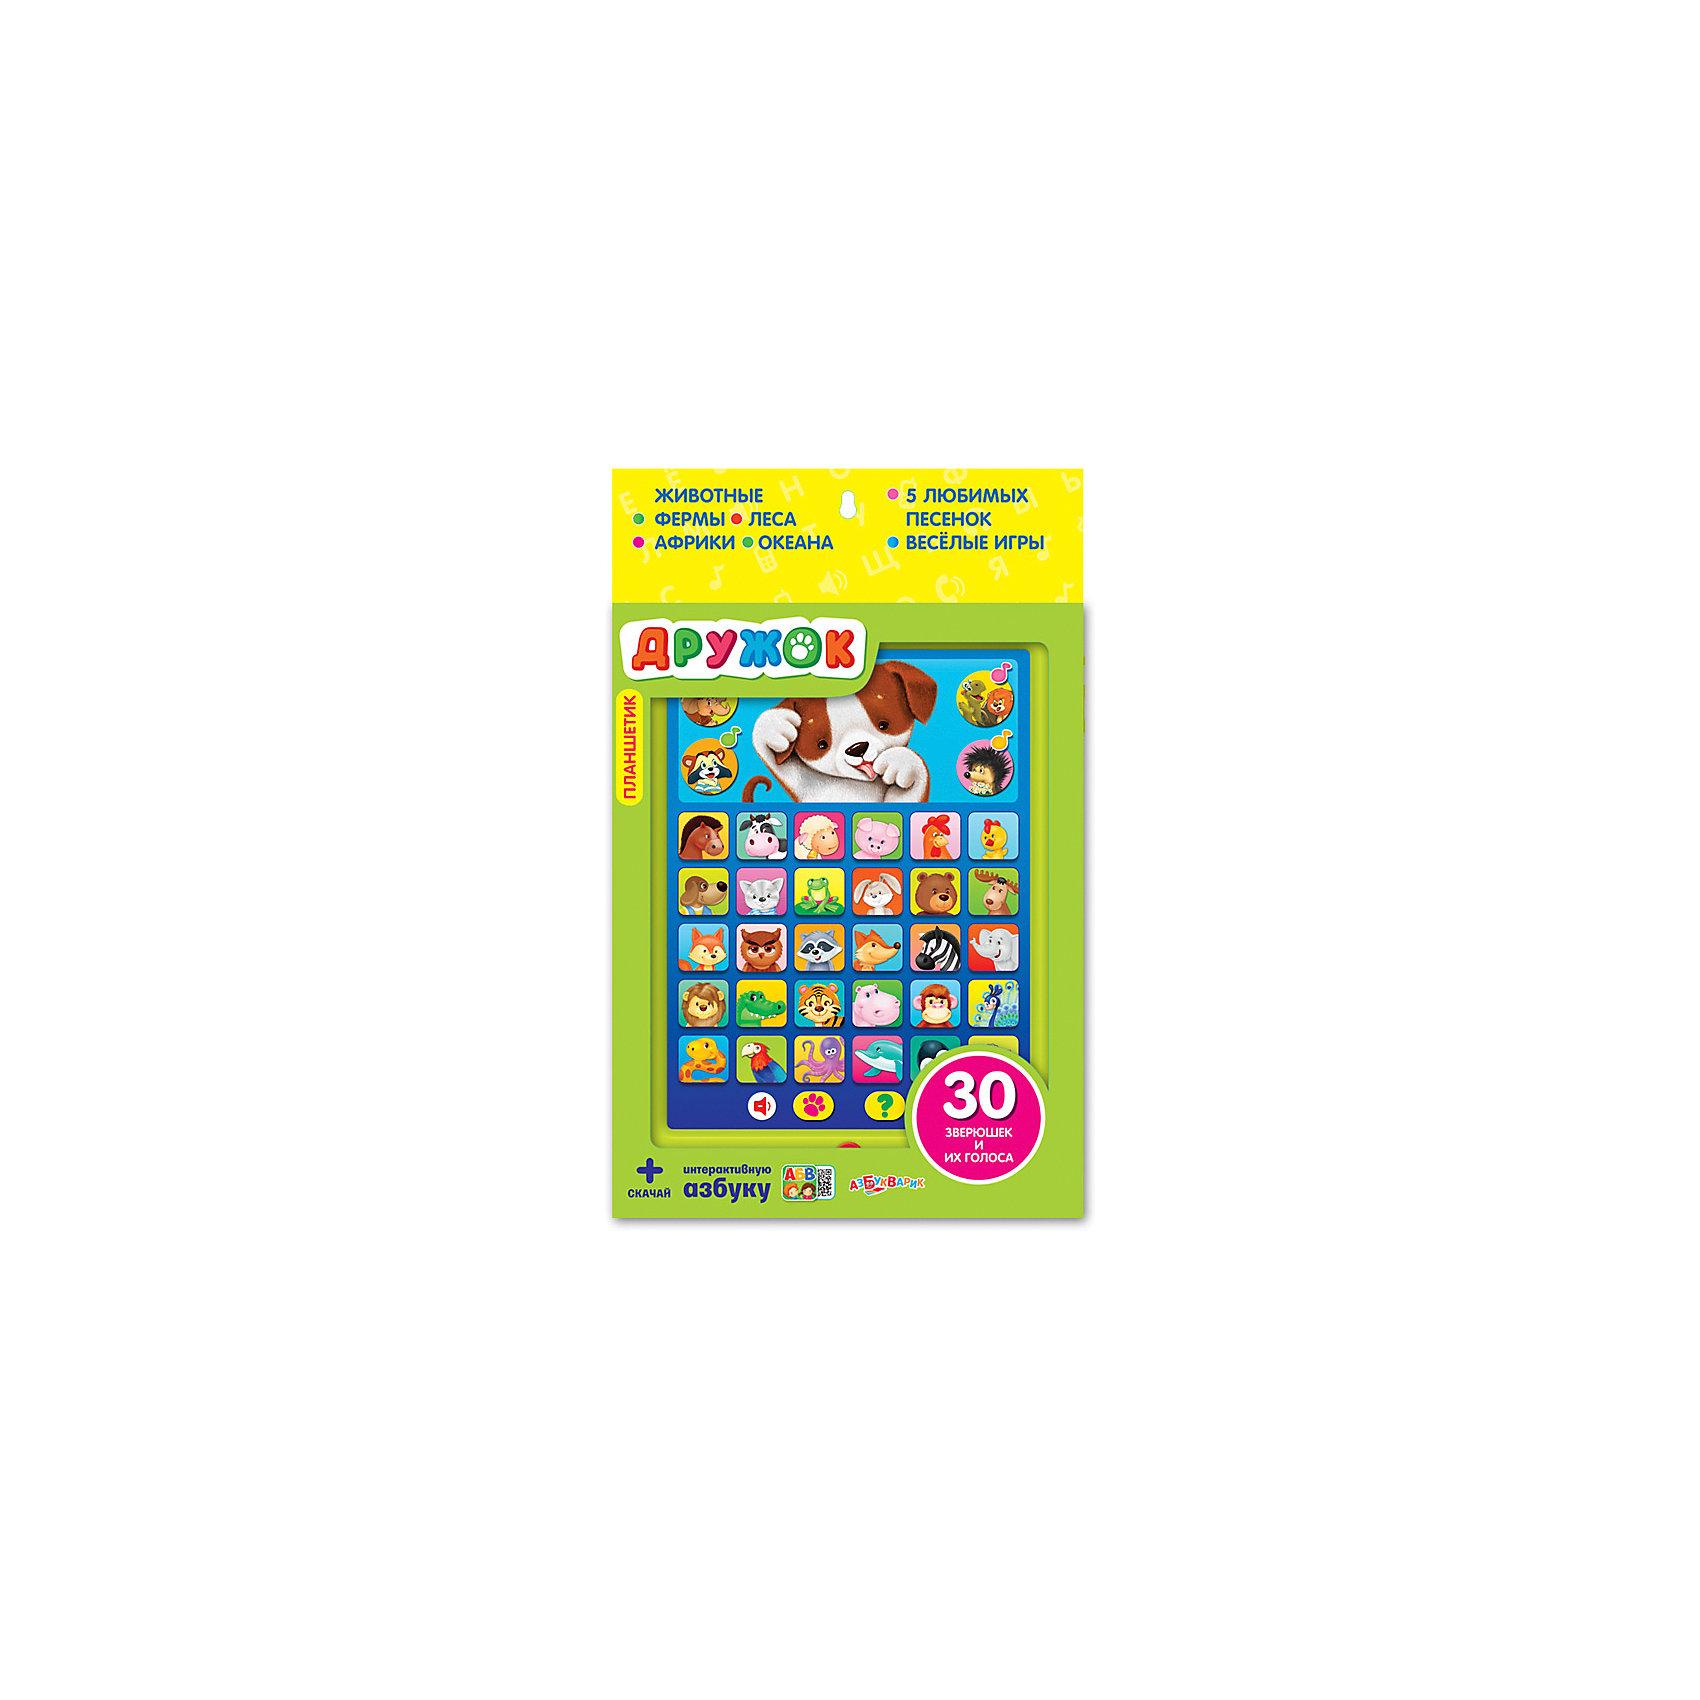 Книга-планшет ДружокИнтерактивные игрушки для малышей<br>Современный дети обожают электронный устройства и новейшие технологии. Собственный планшетик приведет в восторг всех малышей. Вашему ребенку обязательно понравится знакомство с животными фермы, леса, Африки и океана! Милые зверюшки поиграют с крохой в увлекательные игры: «Чей это голос?» и «Весёлые прятки», а любимые мультяшки споют самые веселые песенки. Прекрасный вариант для подарка на любой праздник! <br><br>Дополнительная информация:<br><br>- Материал: пластик.<br>- Размер: 18,5х24<br>- 5 песенок (крошка- Енот, Мамонтенок, Ёжик).<br>- Элемент питания: ААА батарейки (демонстрационные в комплекте). <br><br>Книгу-планшет Дружок можно купить в нашем магазине.<br><br>Ширина мм: 300<br>Глубина мм: 20<br>Высота мм: 190<br>Вес г: 275<br>Возраст от месяцев: 24<br>Возраст до месяцев: 60<br>Пол: Унисекс<br>Возраст: Детский<br>SKU: 4288911